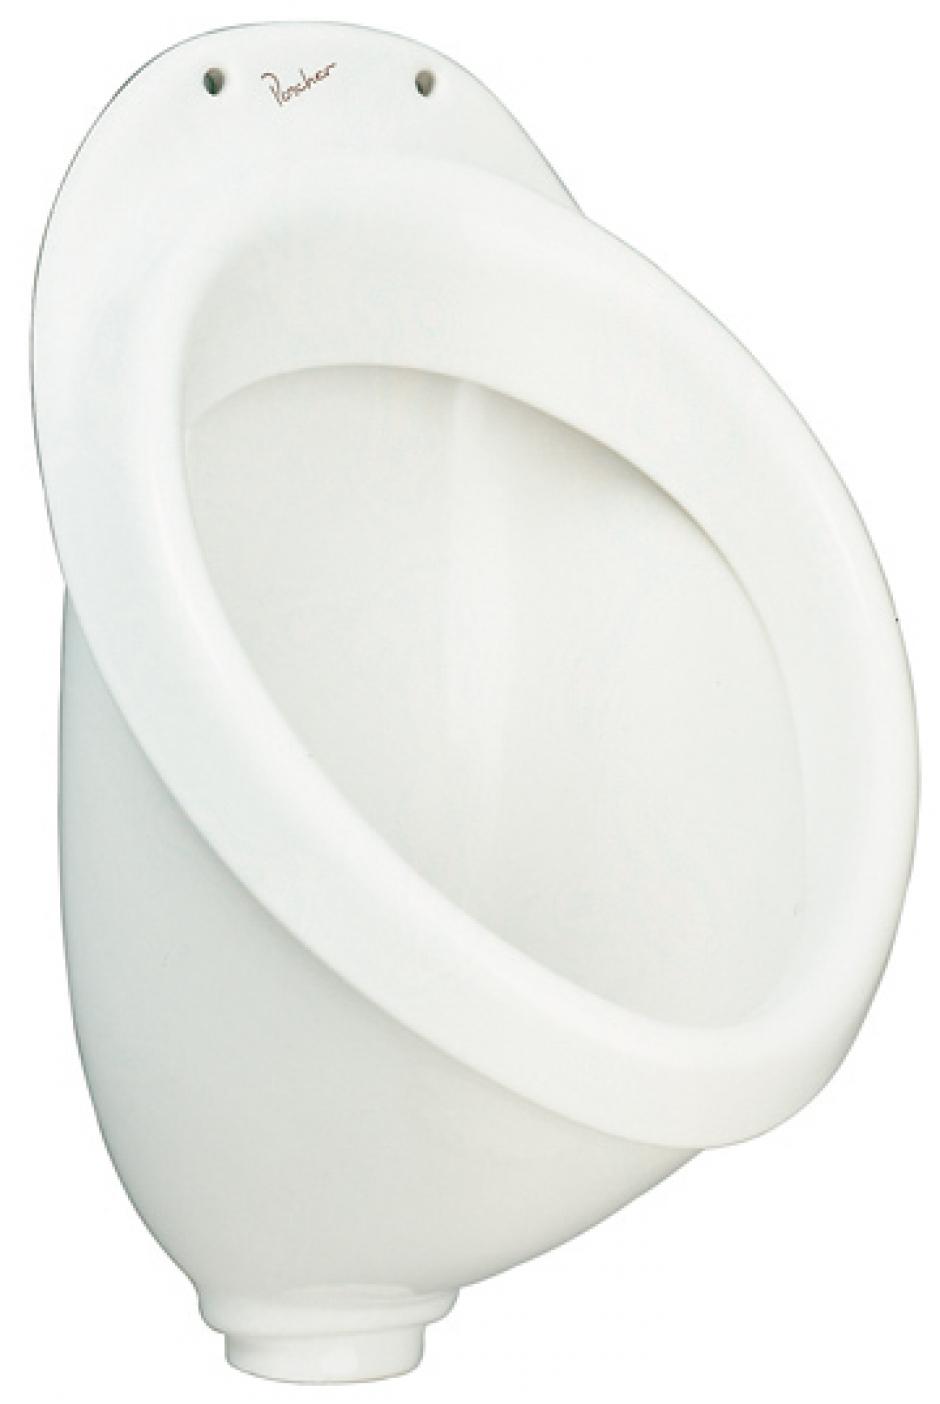 Salle De Bain Urinoir ~ salle de bain urinoirs urinoir de face applique 30 x 42 cm